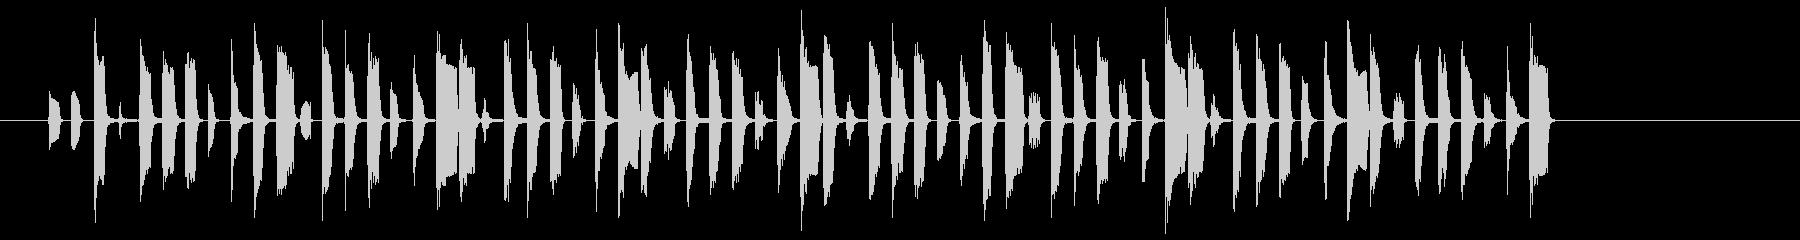 モノ知り博士のワンポイント説明の未再生の波形